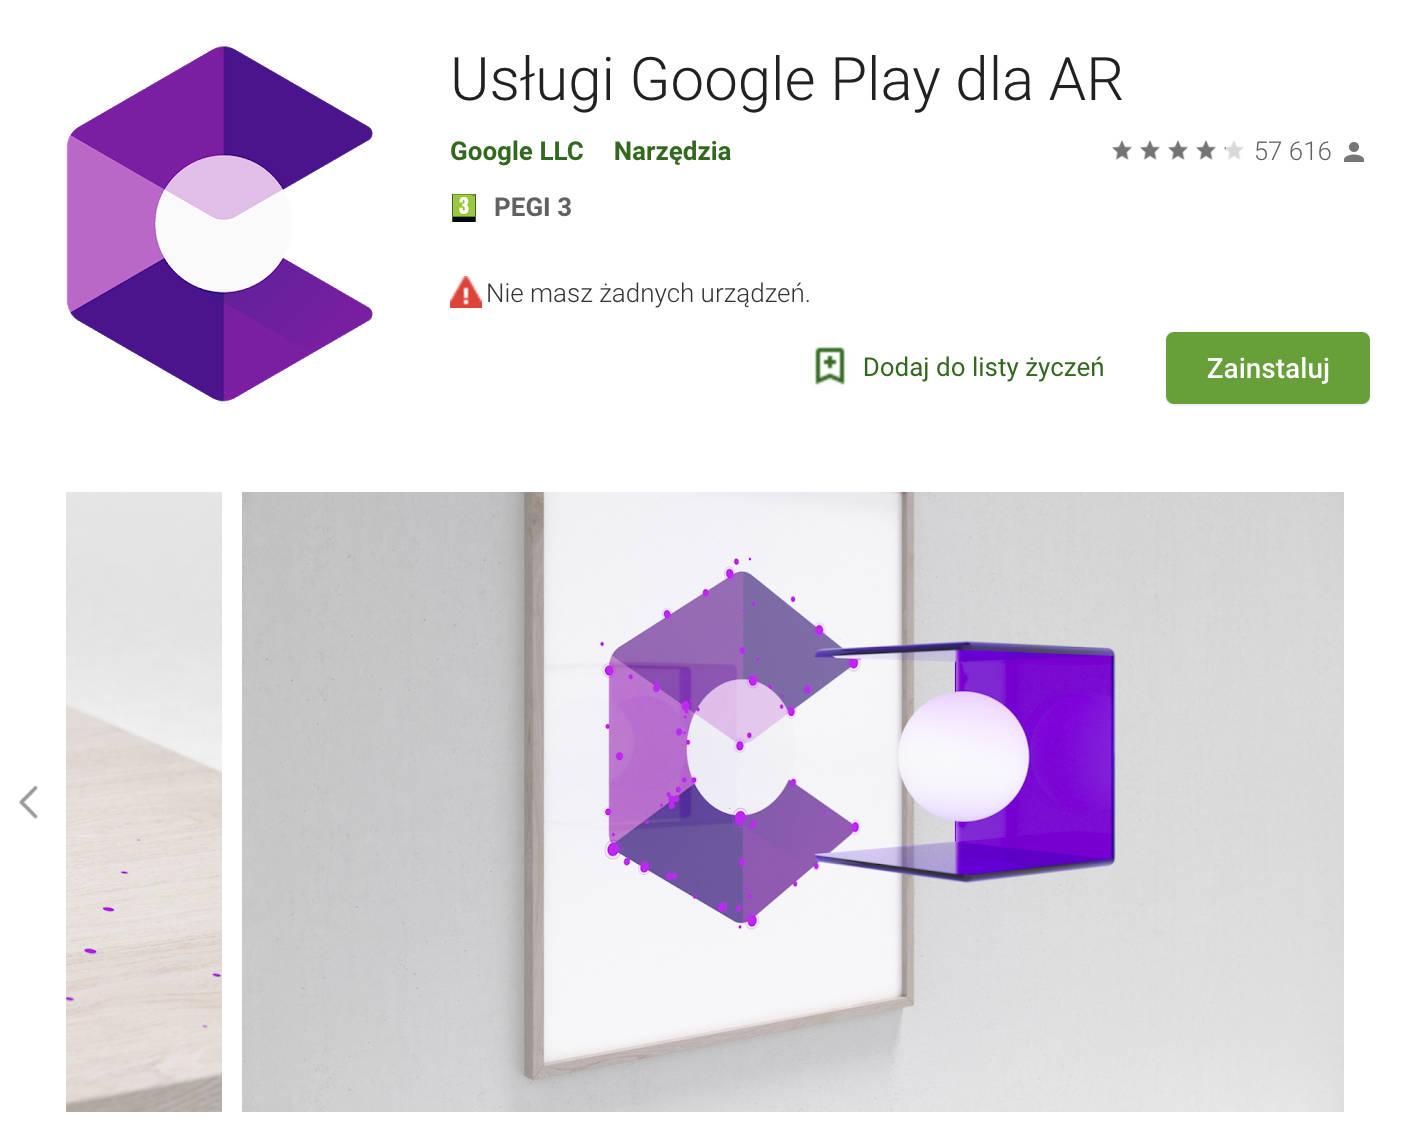 Usługi Google Play dla AR ARcore rzeczywistość rozszerzona aplikacje nowa nazwa